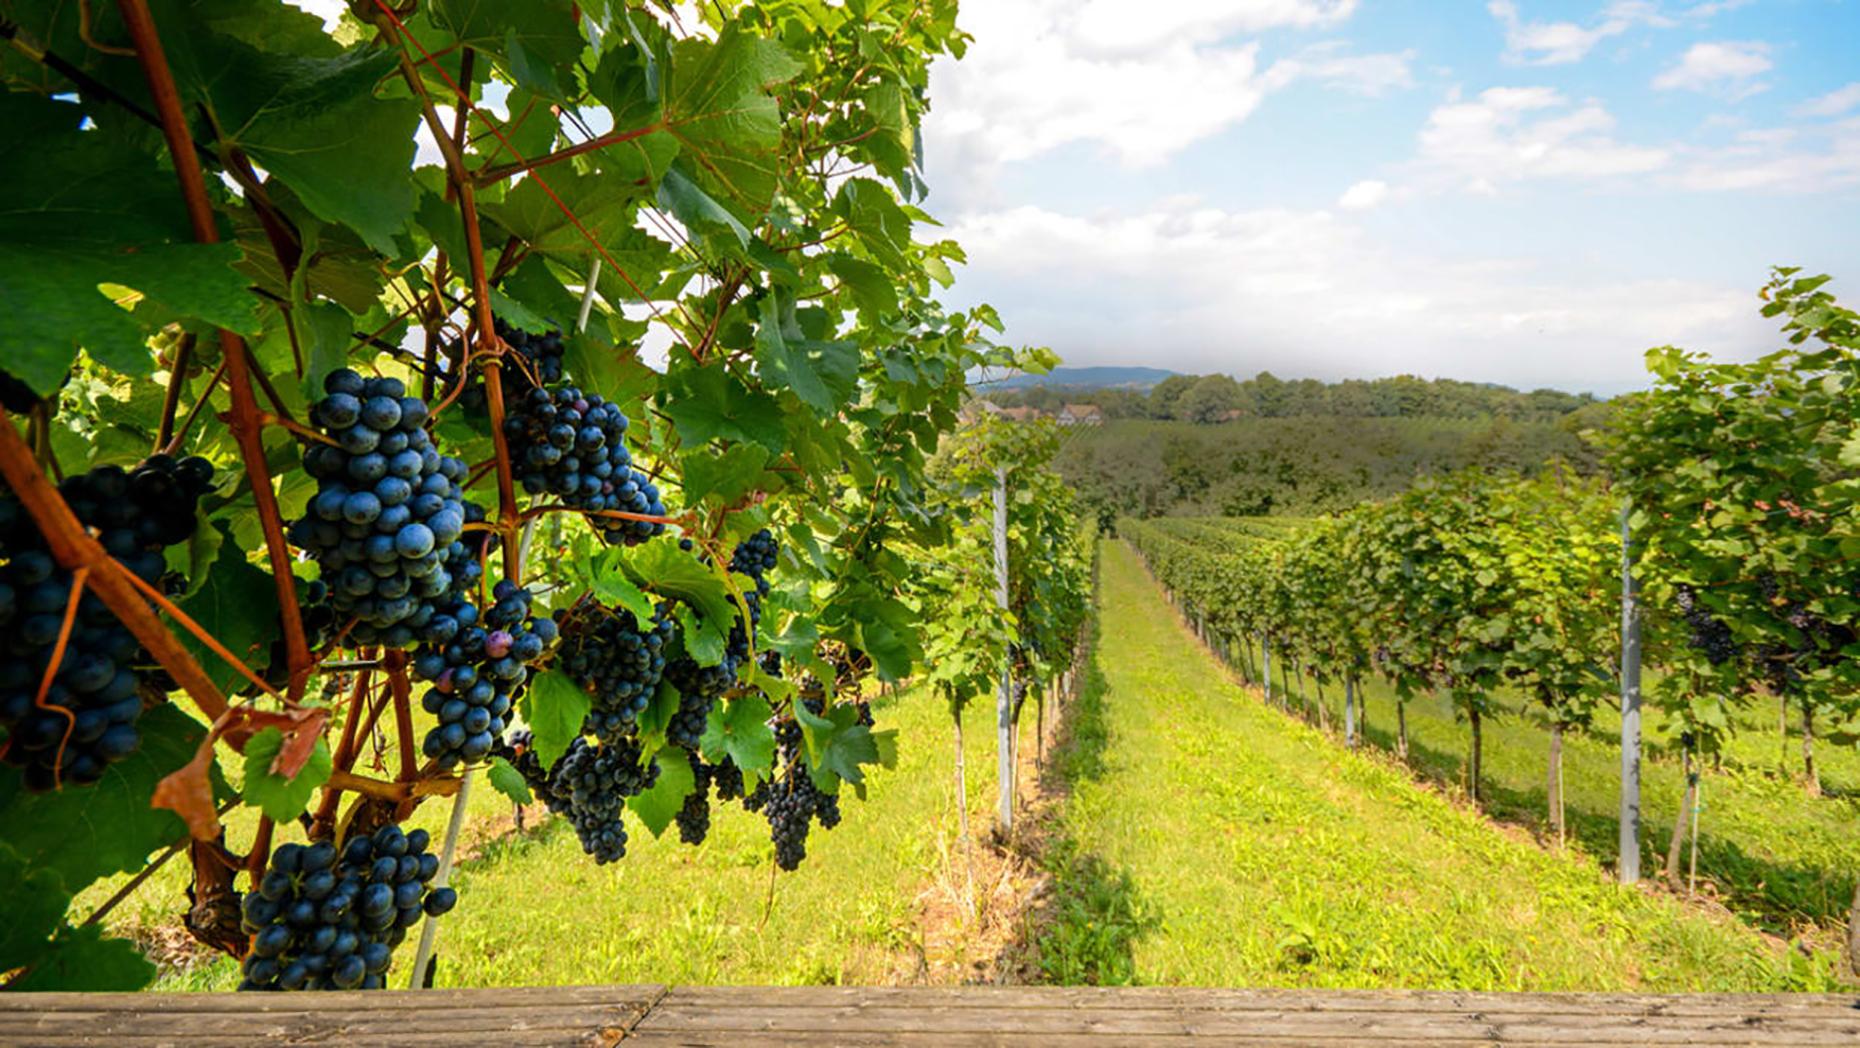 Vignoble L'Orpailleur vineyard